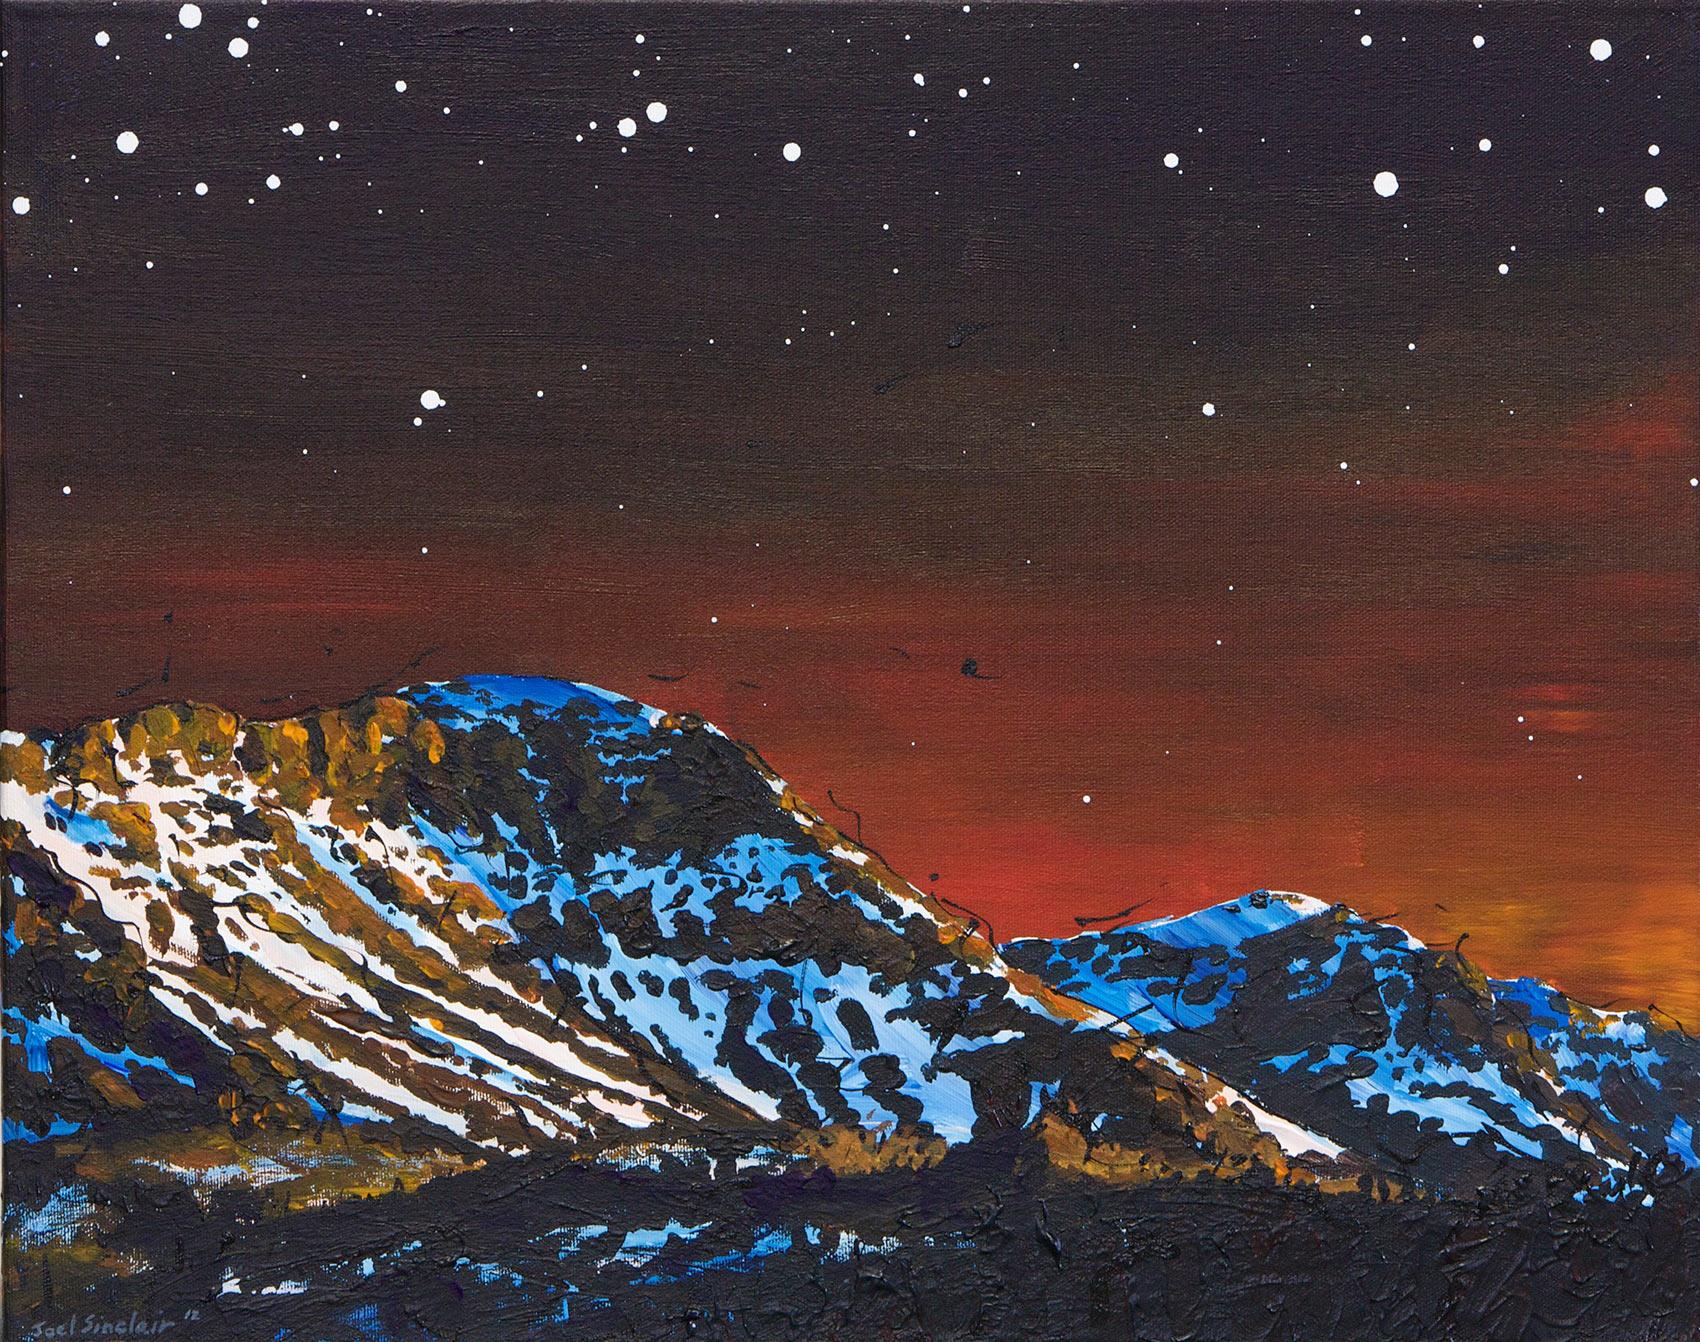 Evening Blues - 2012 - 16x20